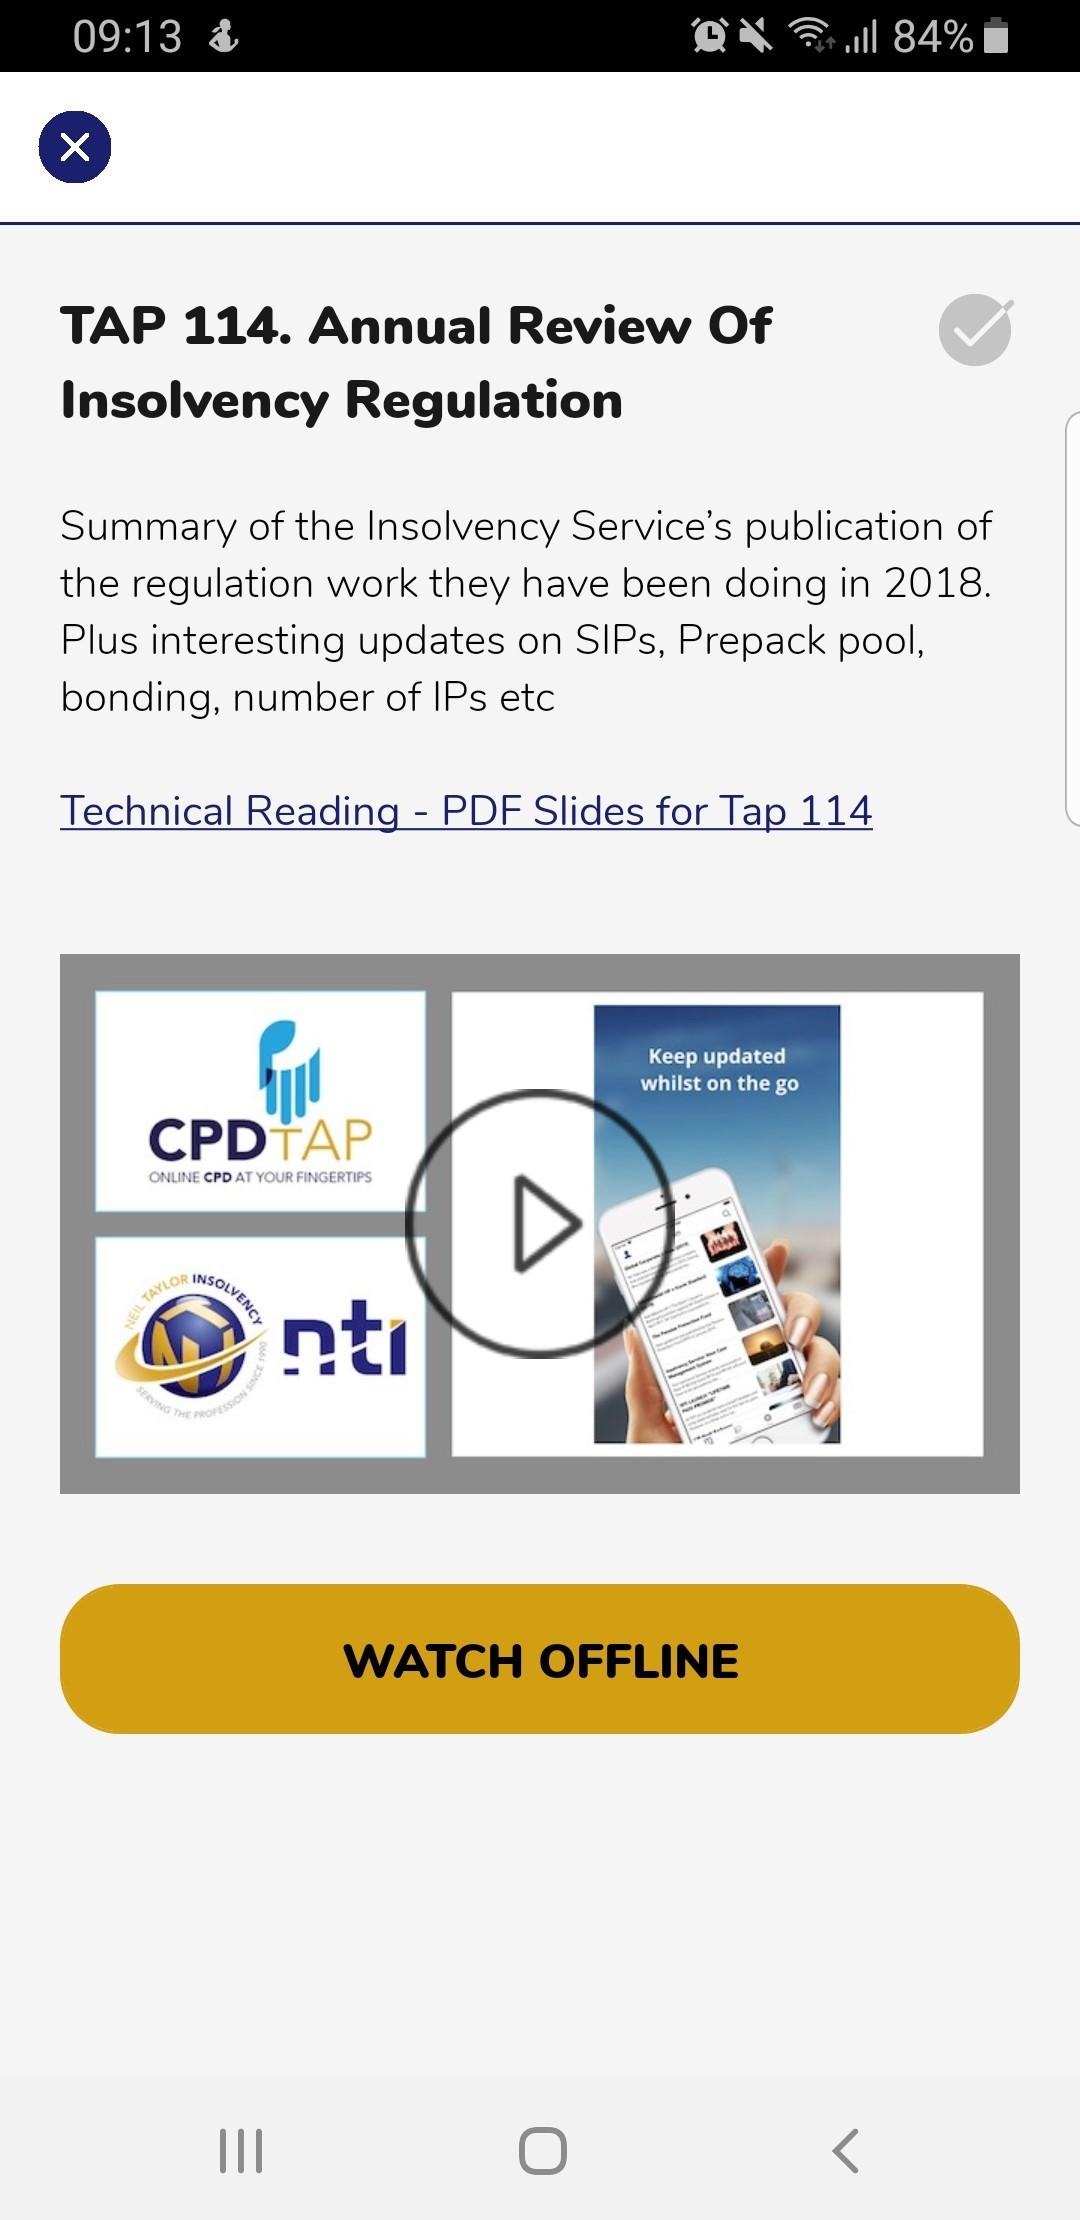 NTI App